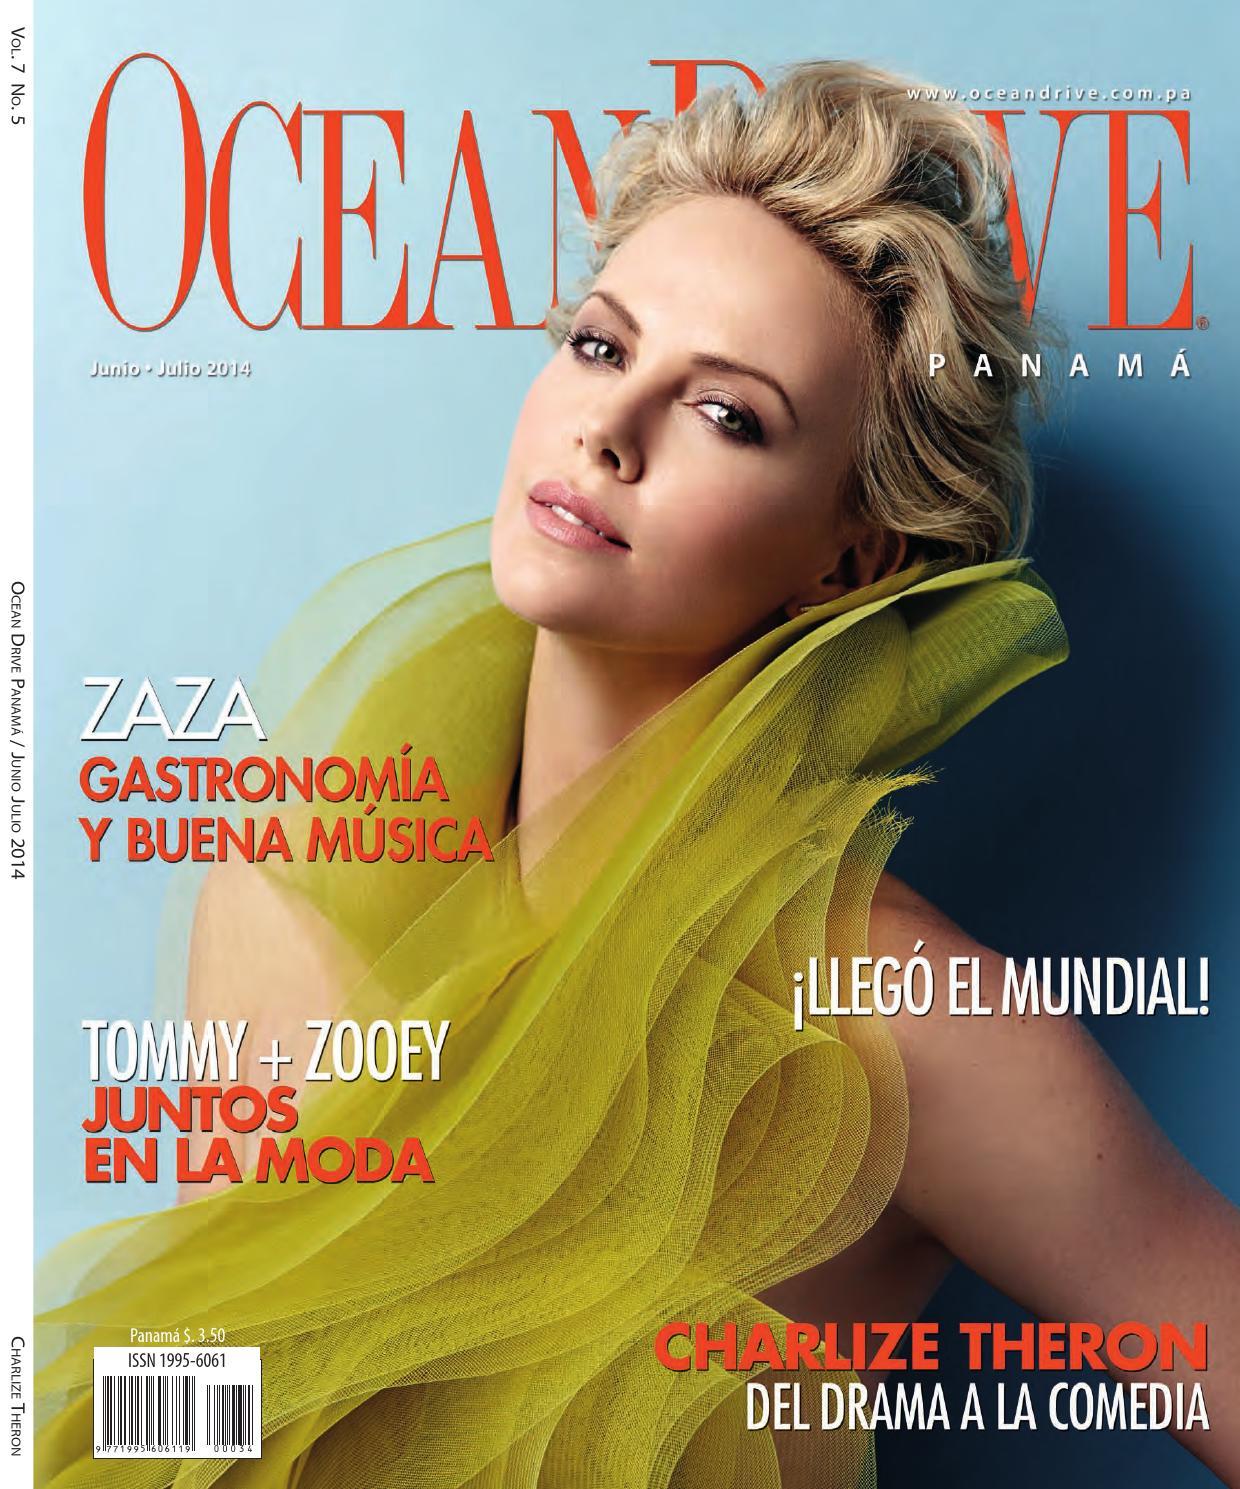 Ocean Drive Panamá junio julio 2014 by Ocean Drive Magazine Panama - issuu 4e680ae8ae3